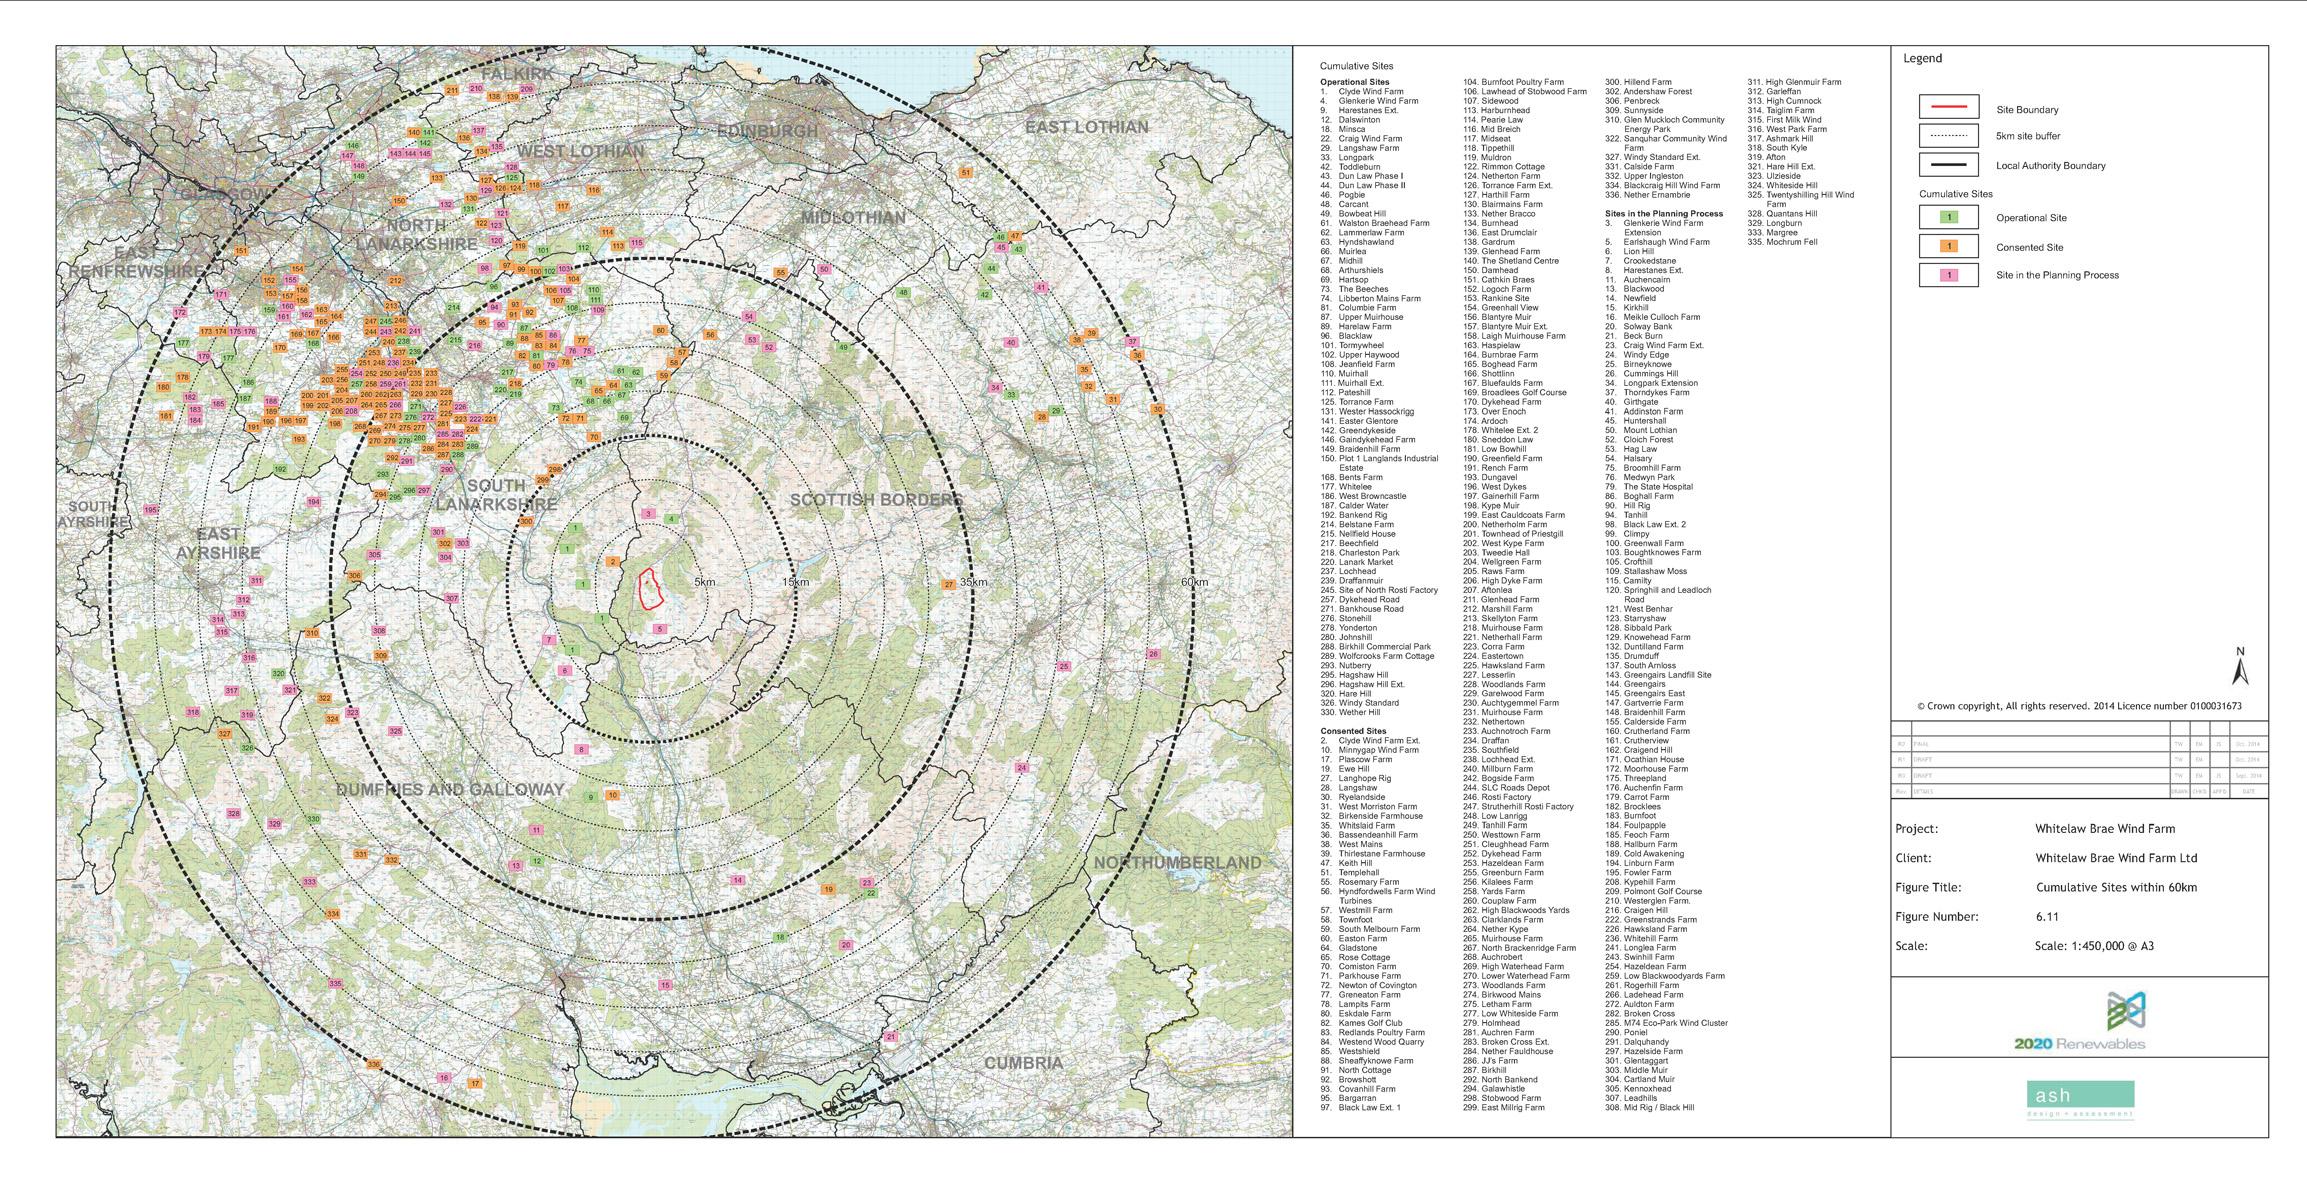 Figure 6.11 - Cumulative Sites within 60km R2 FINAL.jpg